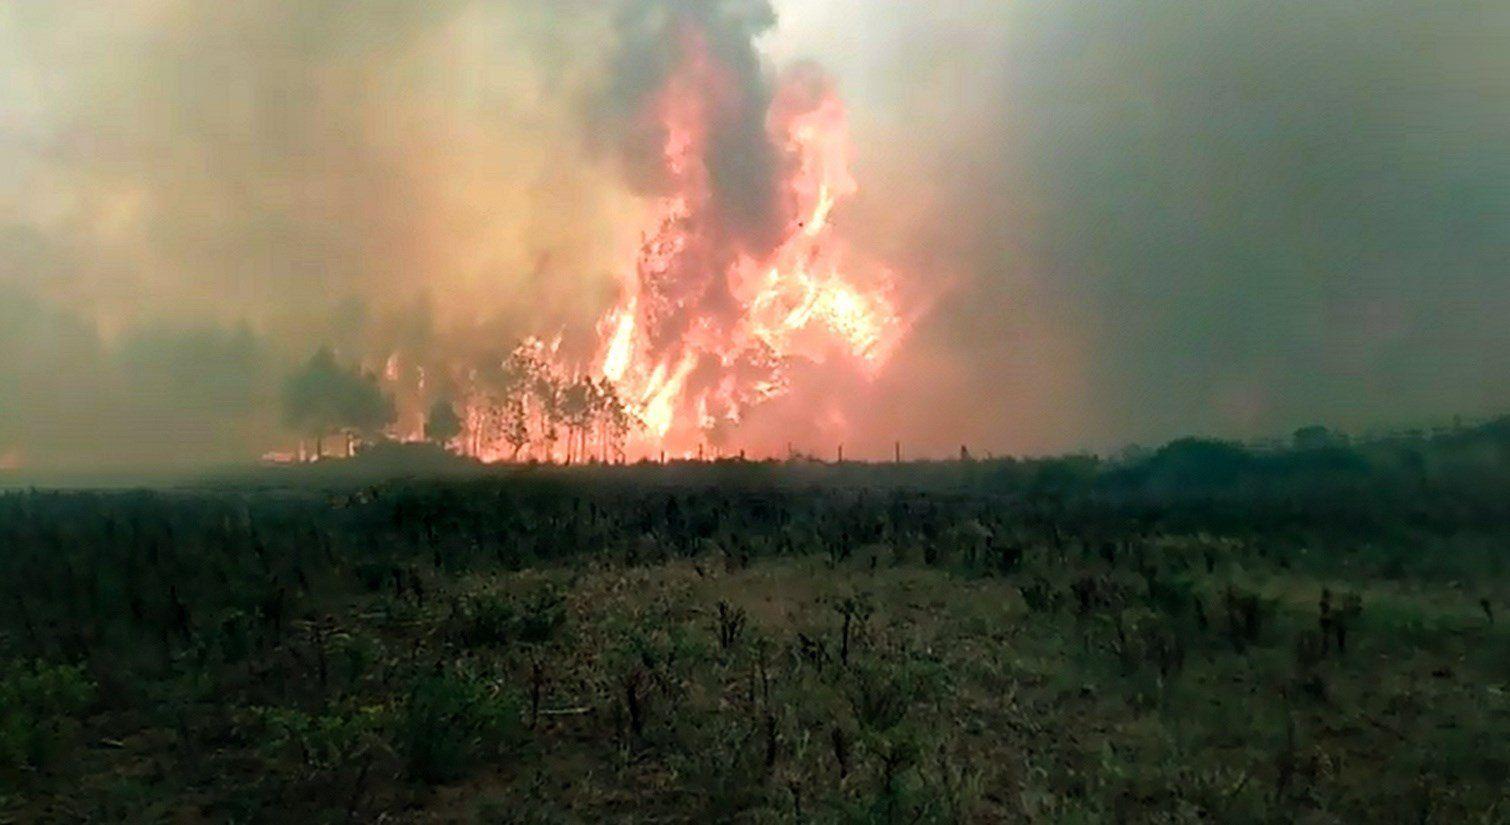 desalojados-habitantes-por-incendio-forestal-en-el-oriente-de-mexico